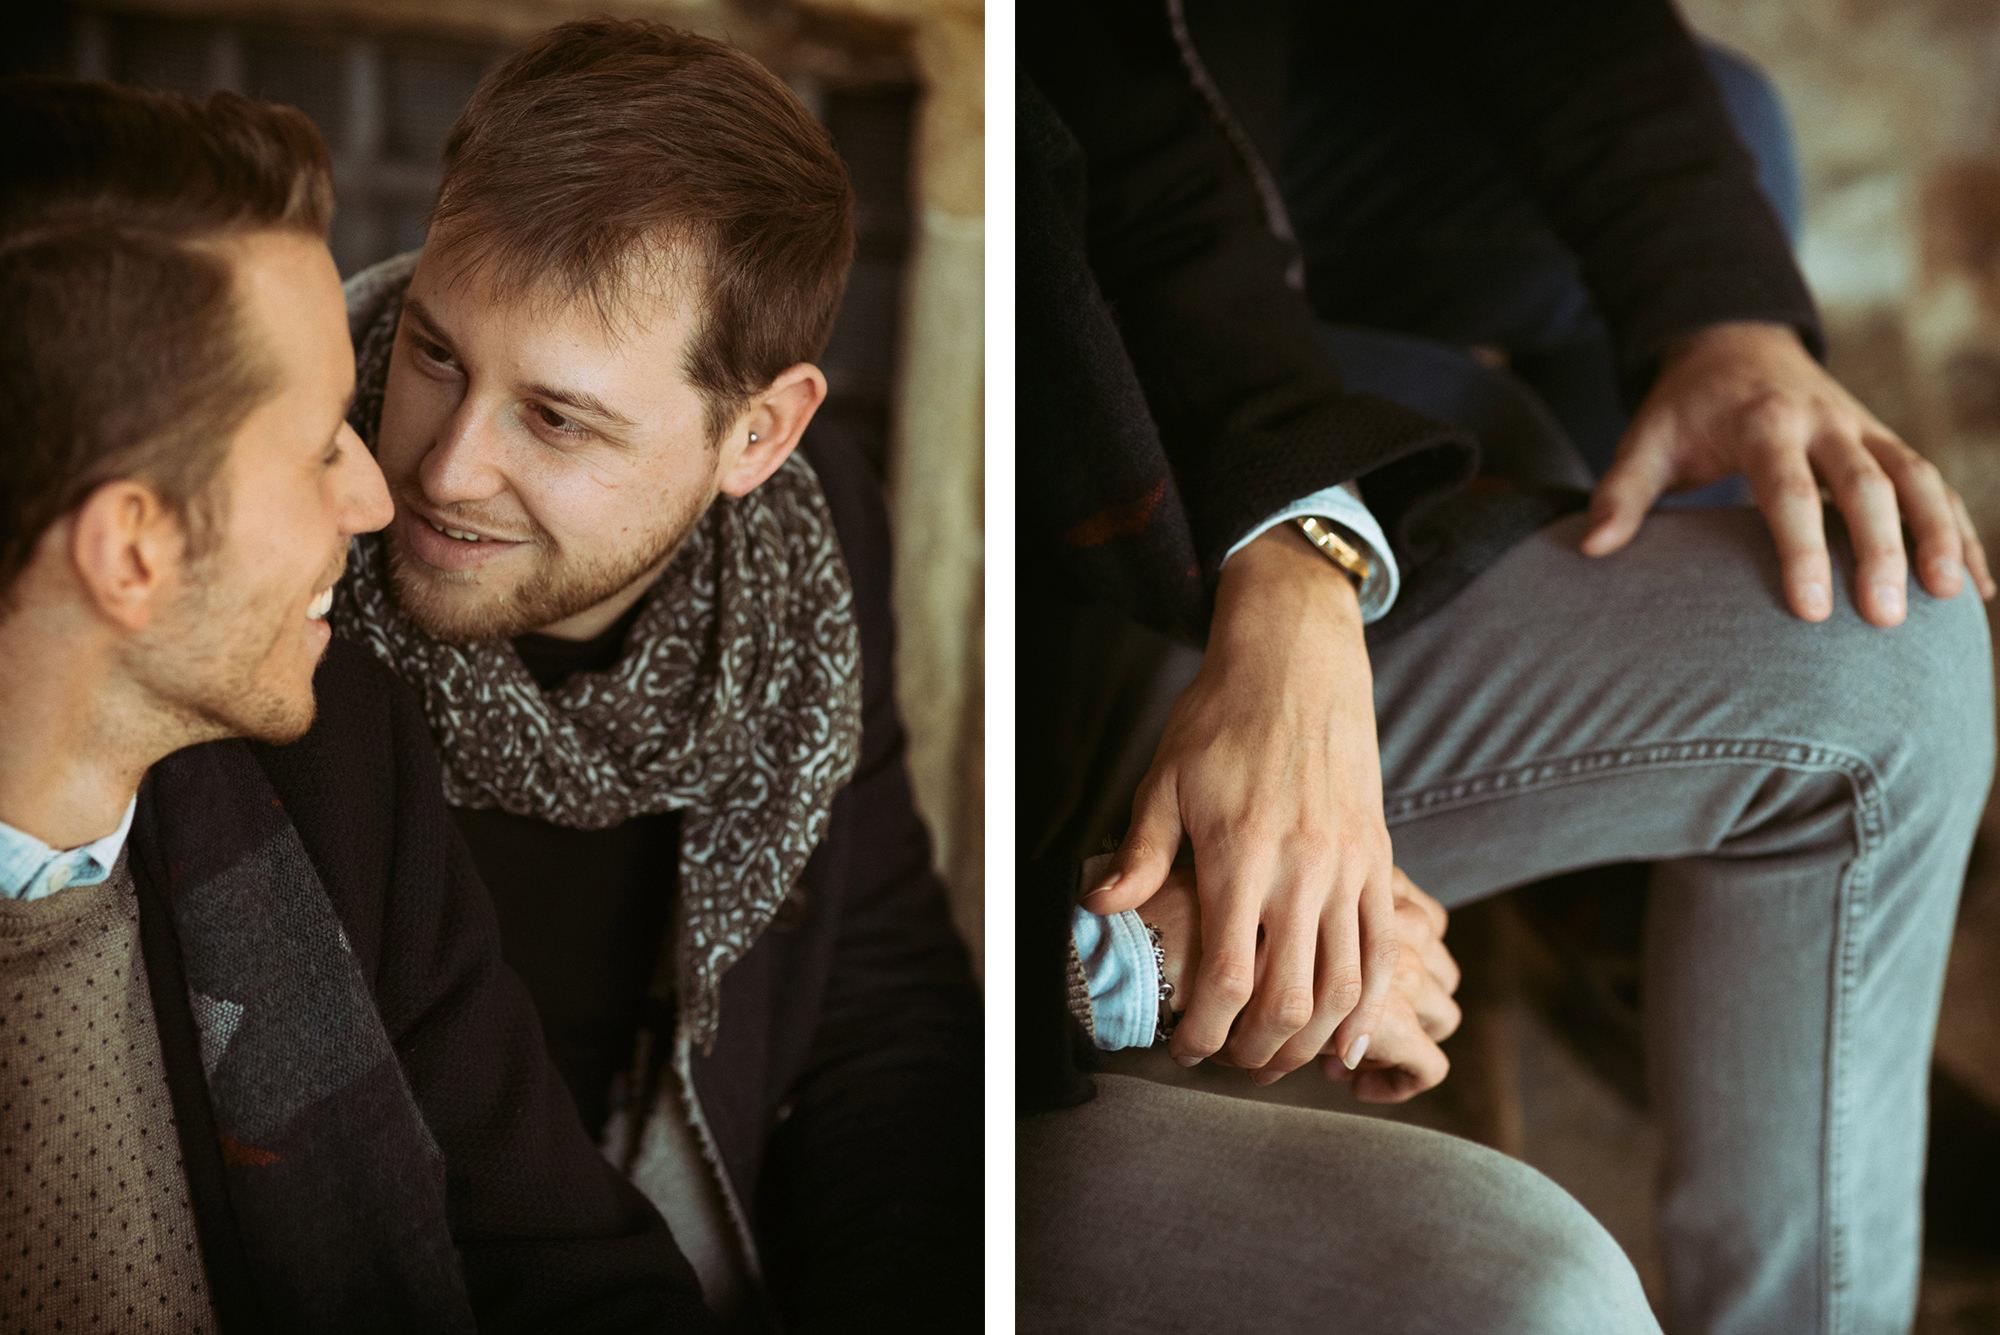 samesex couple photos italy 018 - Same-Sex Couple Photos Italy - Luca & Filippo